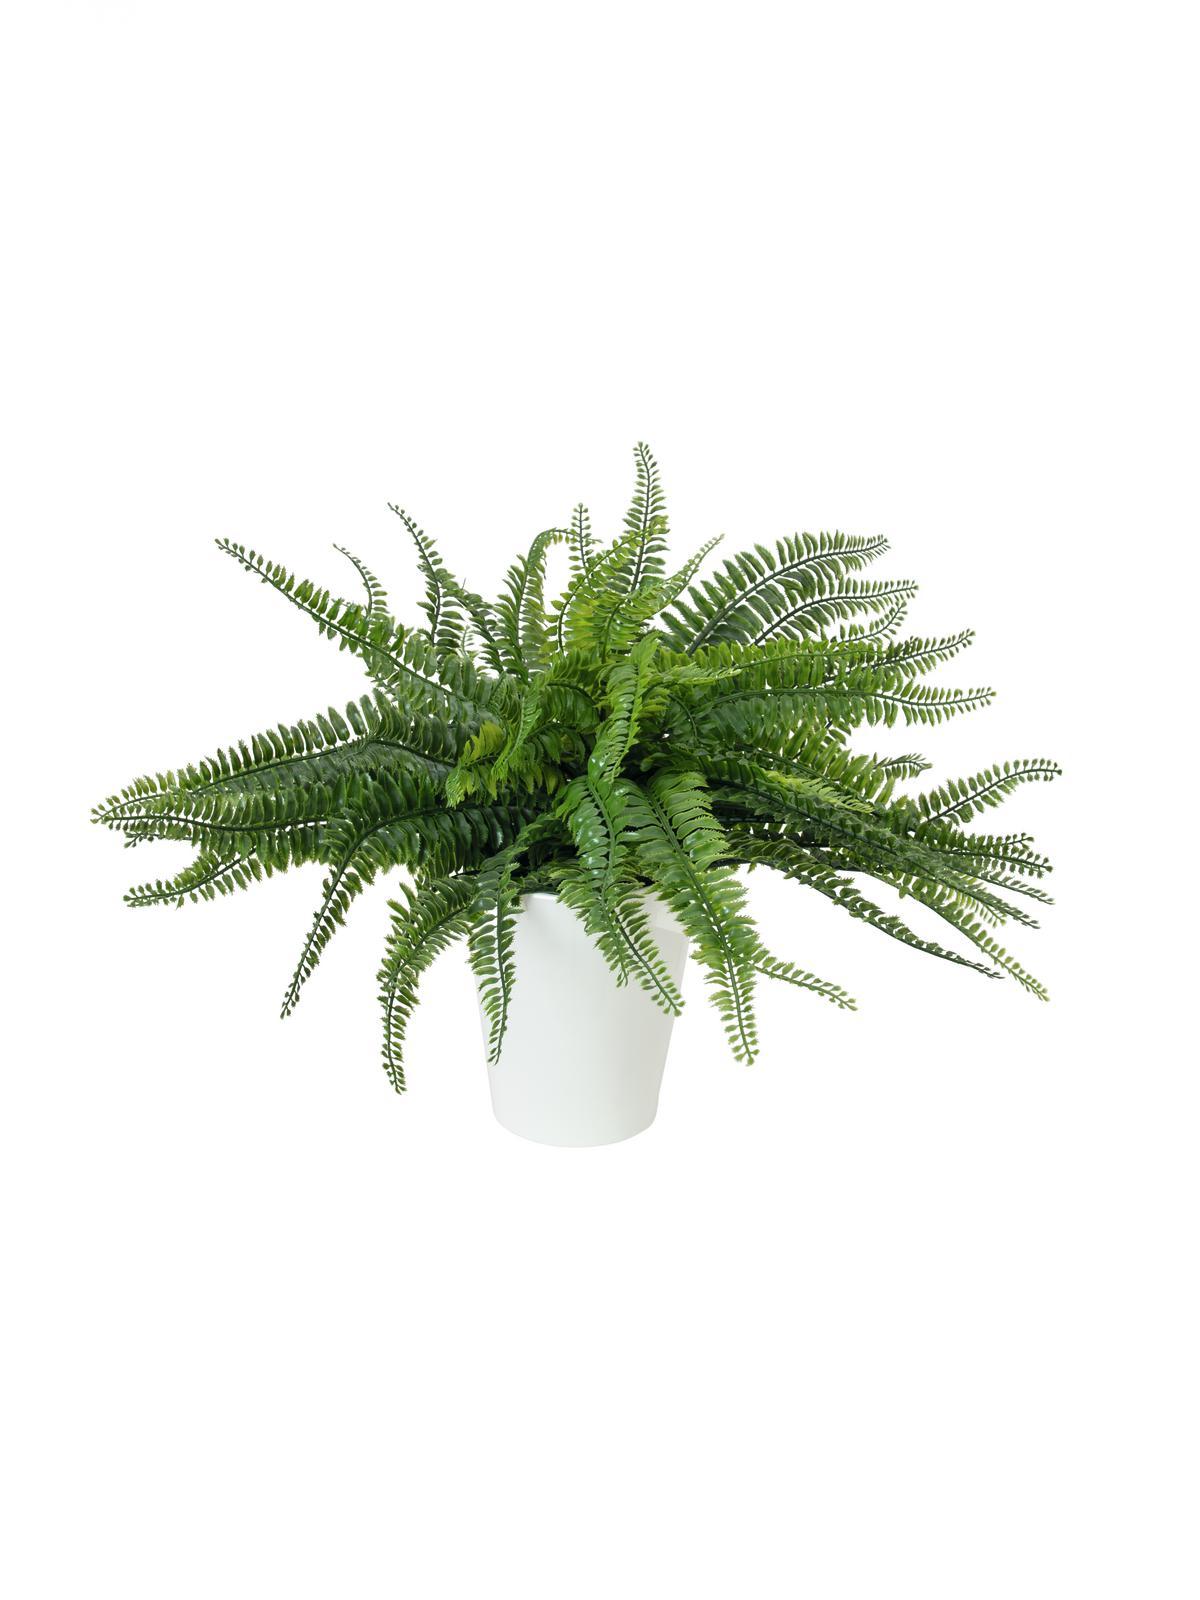 EUROPALMS Farnbusch im Dekotopf, Kunstpflanze, 62 Blätter, 48cm